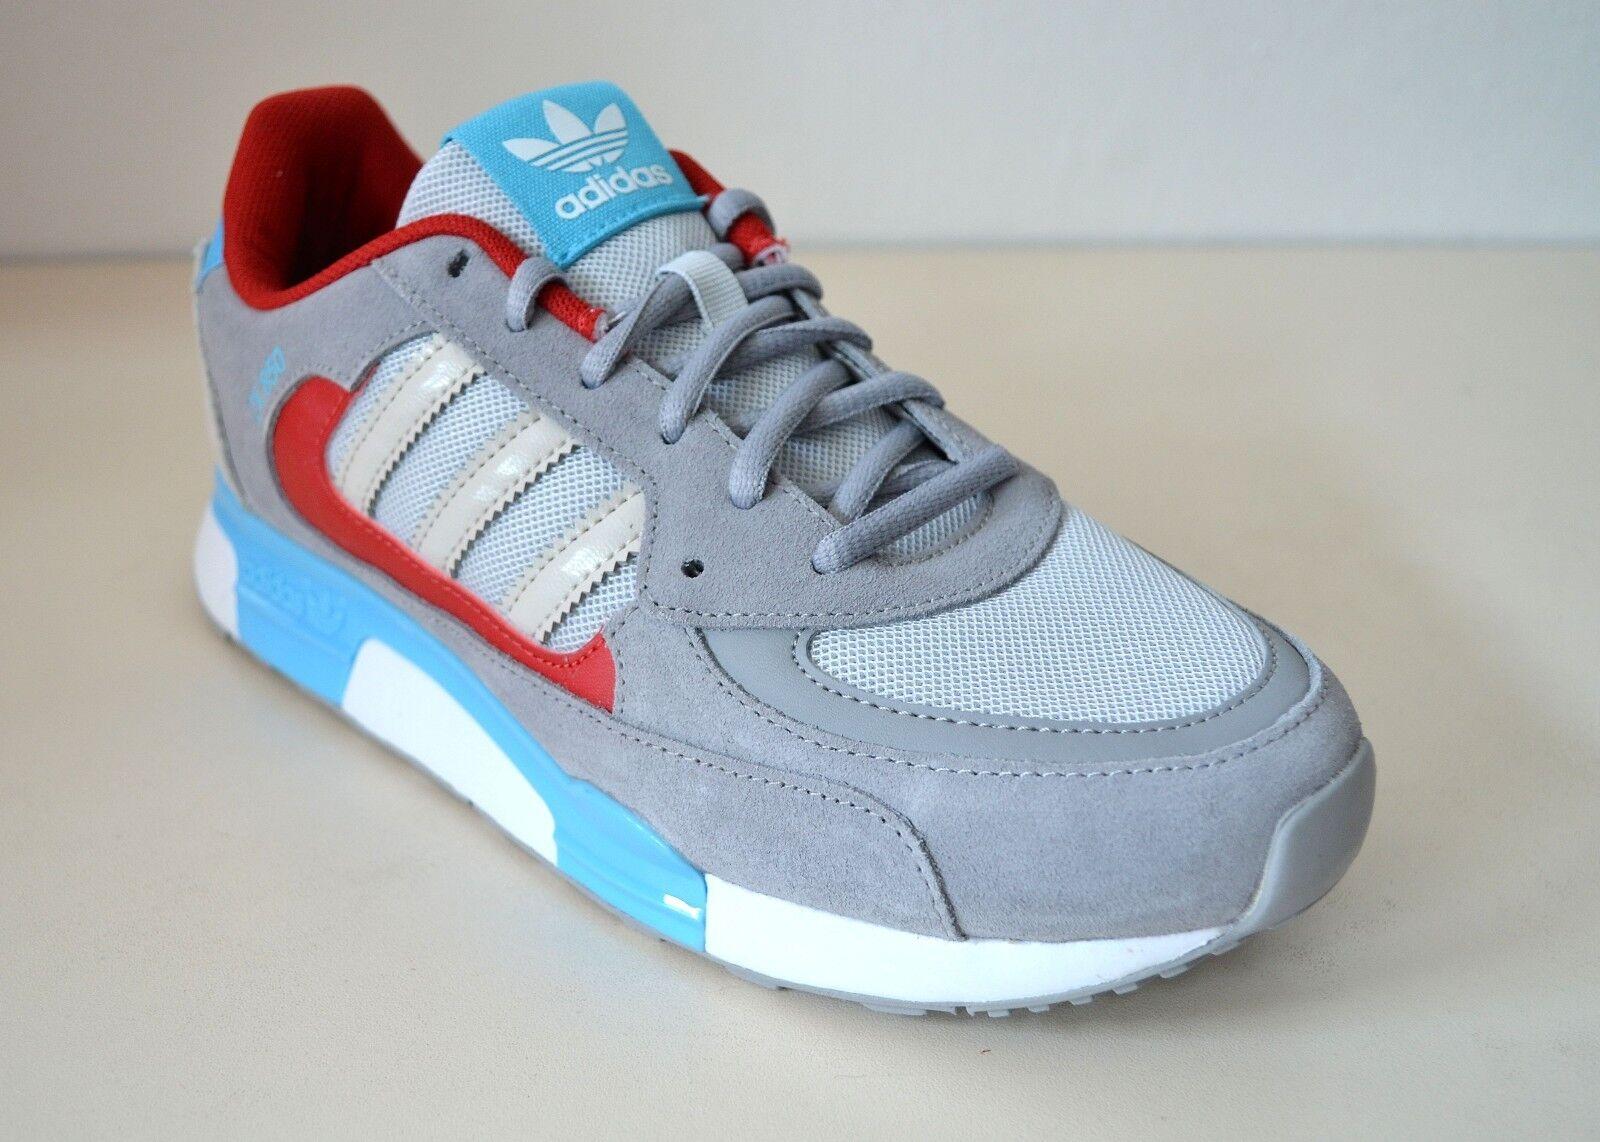 Adidas Originals ZX 850 W Damen Turnschuhe Schuhe Gr. 36 37 38 39 40 41 42 43 44